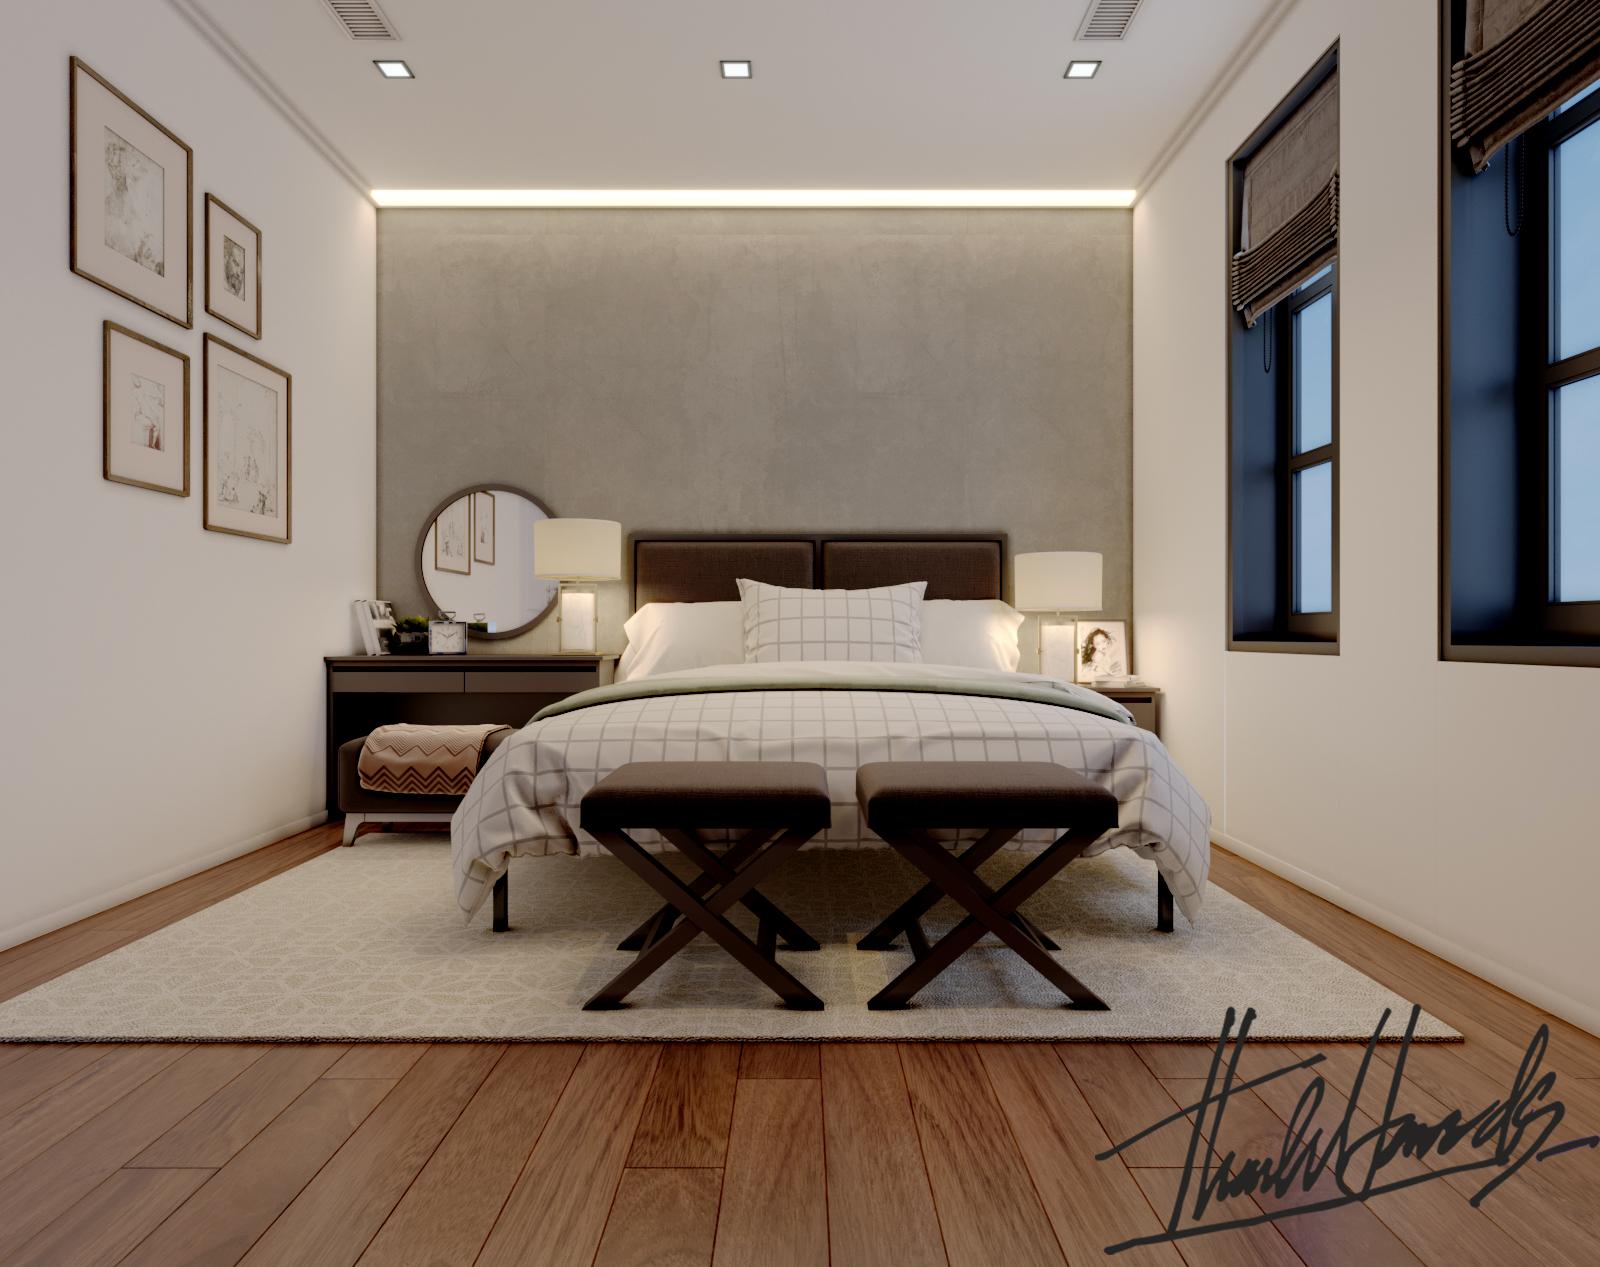 thiết kế nội thất Biệt Thự tại Hải Phòng Biệt thự Vinhomes - imperia ( khu VEN) 18 1568278764